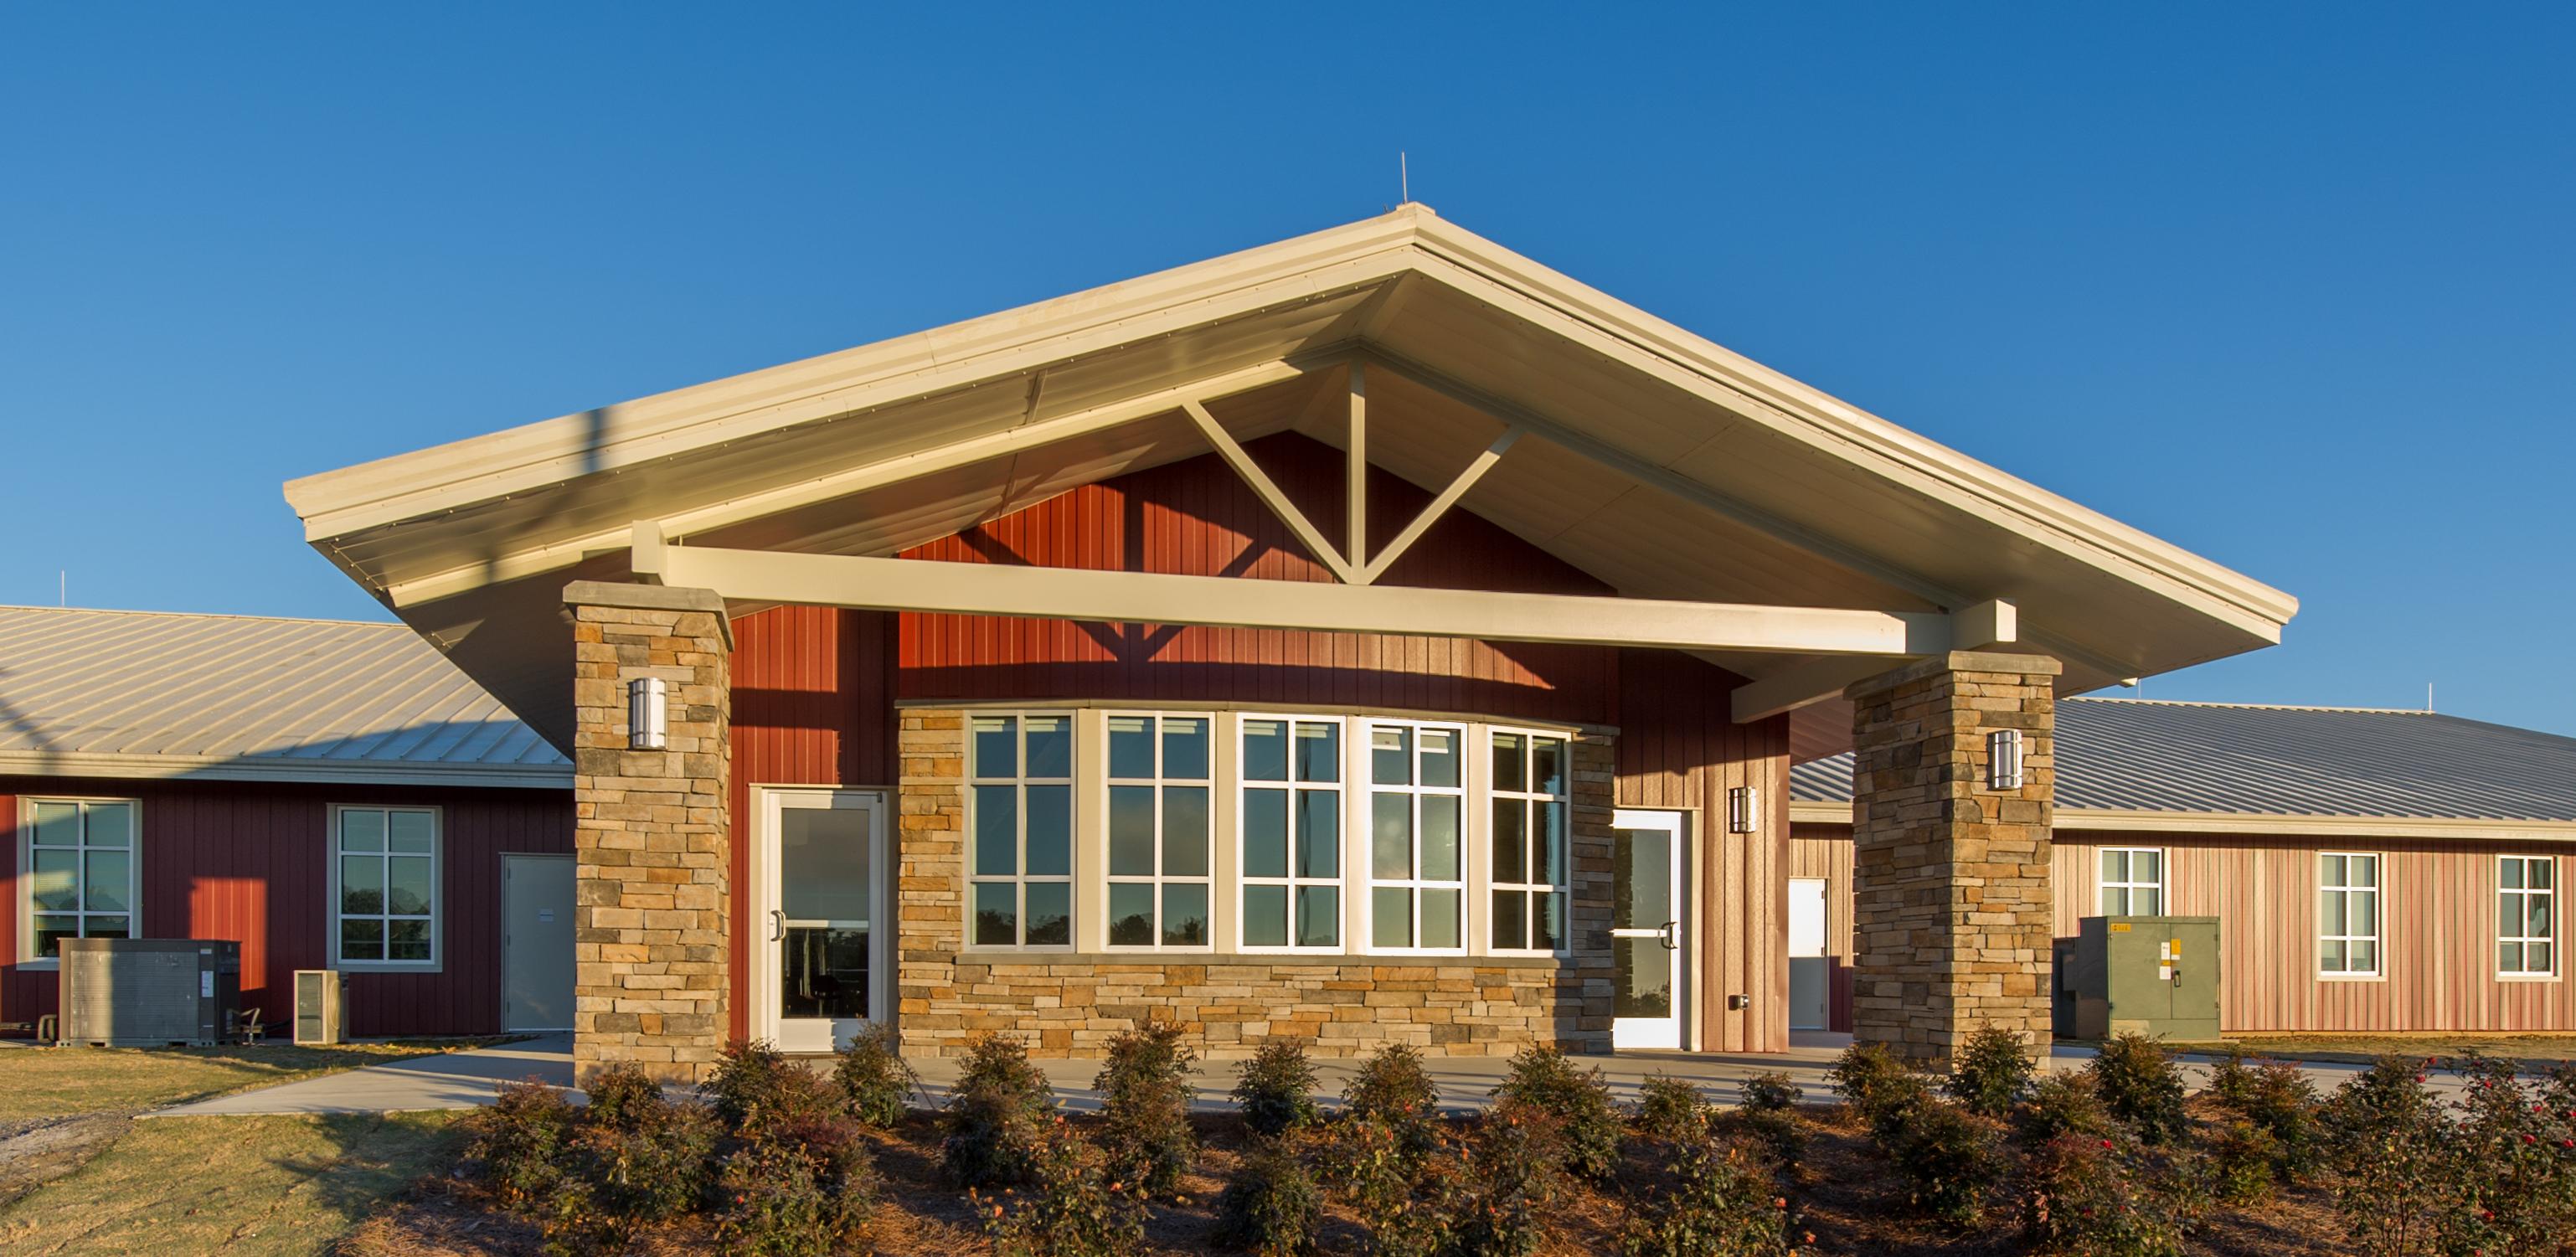 Gordon County Agricultural Center